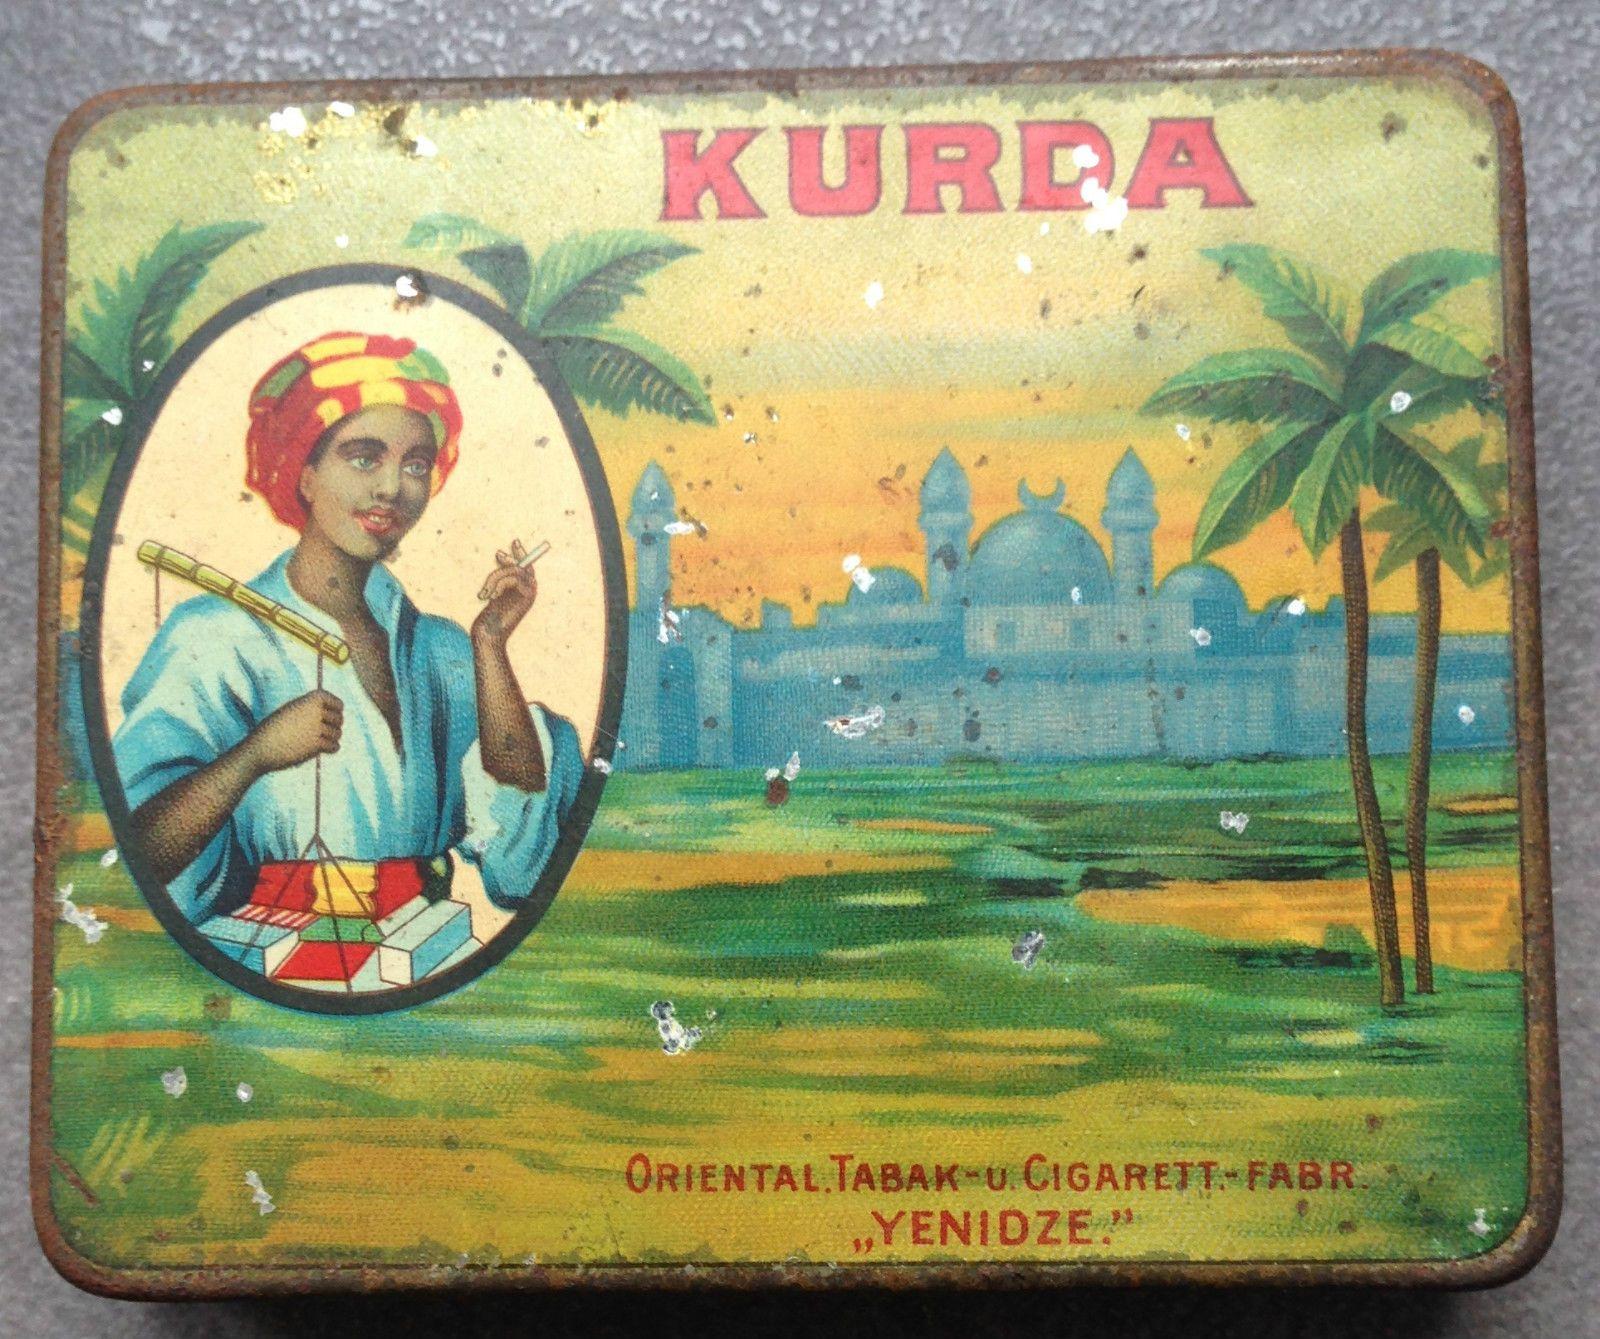 Sehr seltene Zigarettendose aus Blech mit Orient-Motiv um 1900. Originalzustand dem Alter entsprechend. | eBay!